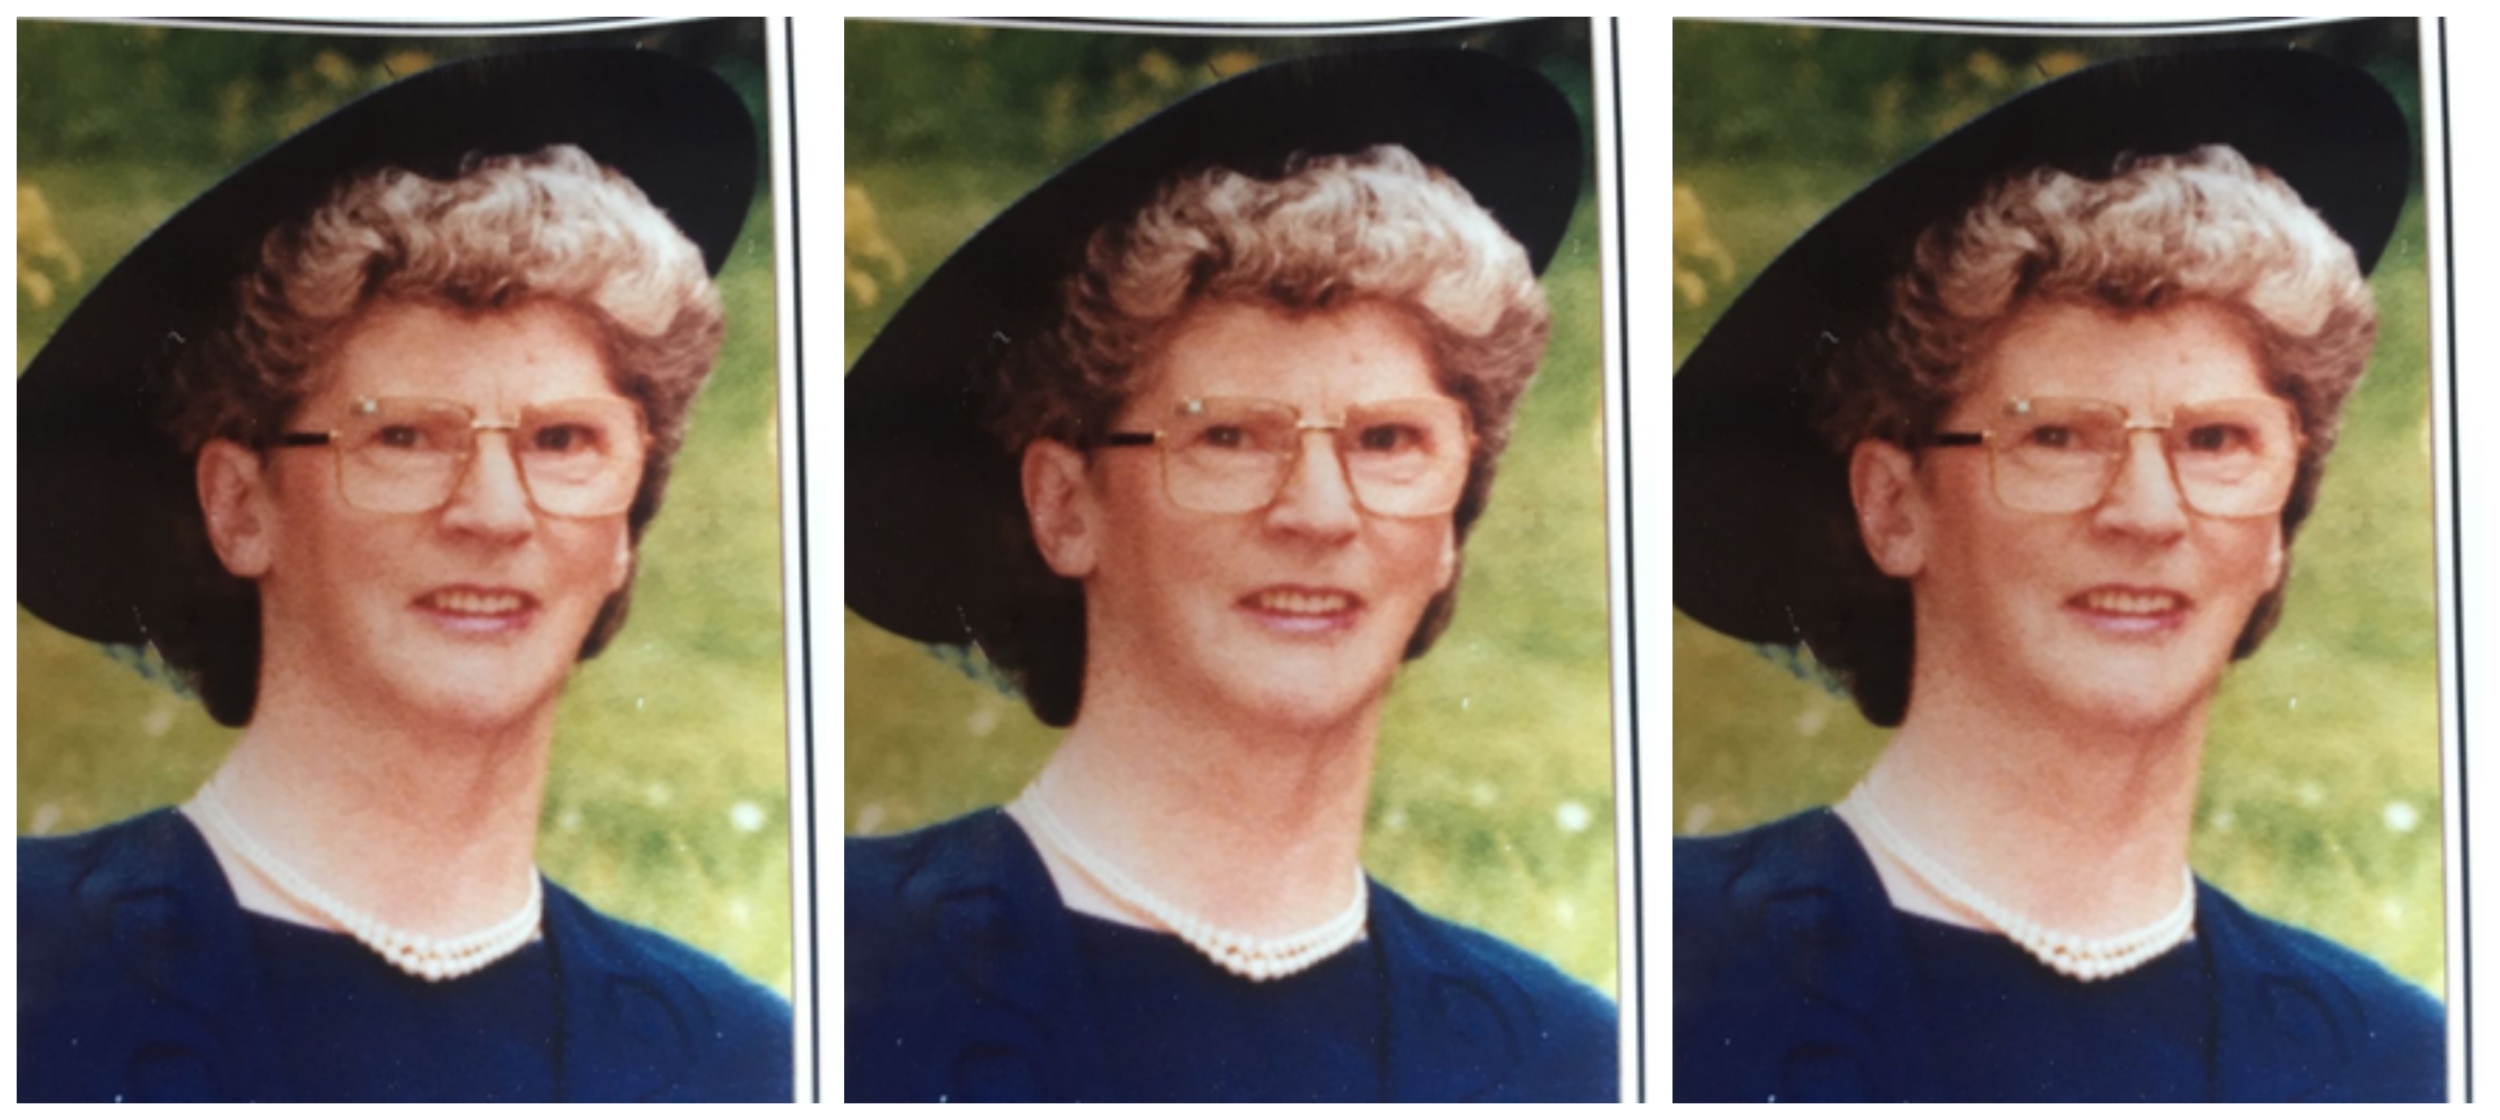 Margaret, aged 64